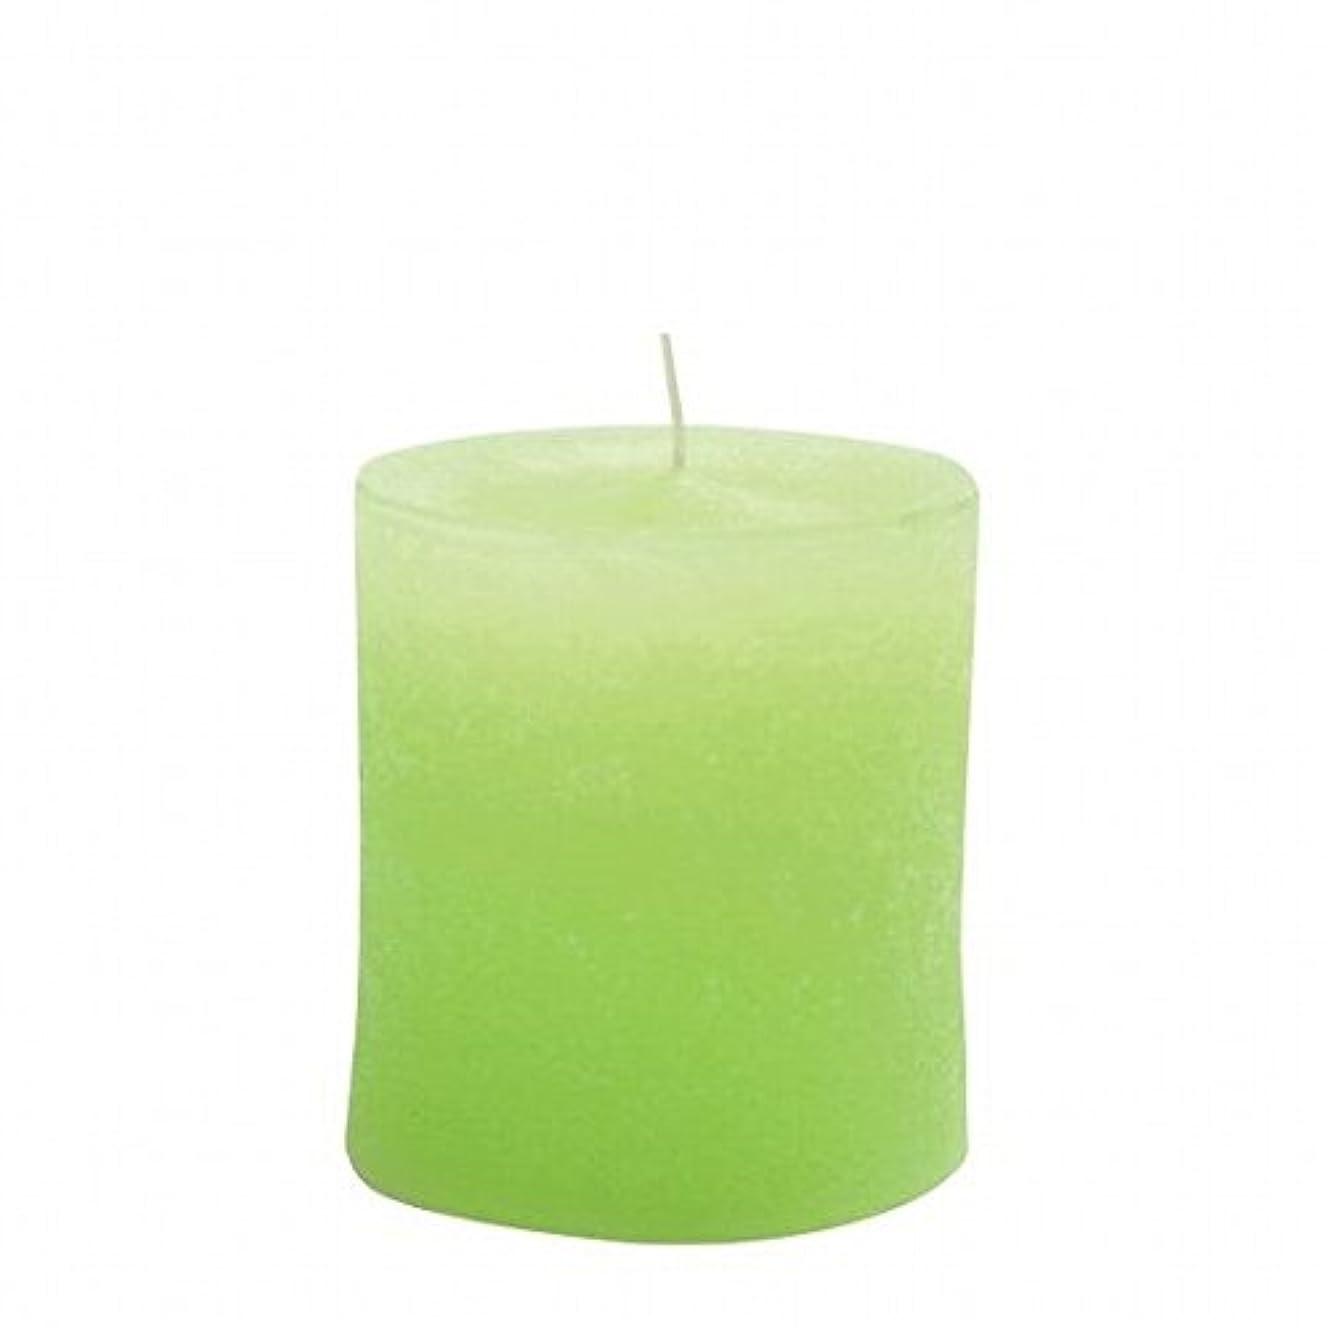 怠けたモデレータ女将kameyama candle(カメヤマキャンドル) ラスティクピラー70×75 「 ライトグリーン 」(A4930010LG)